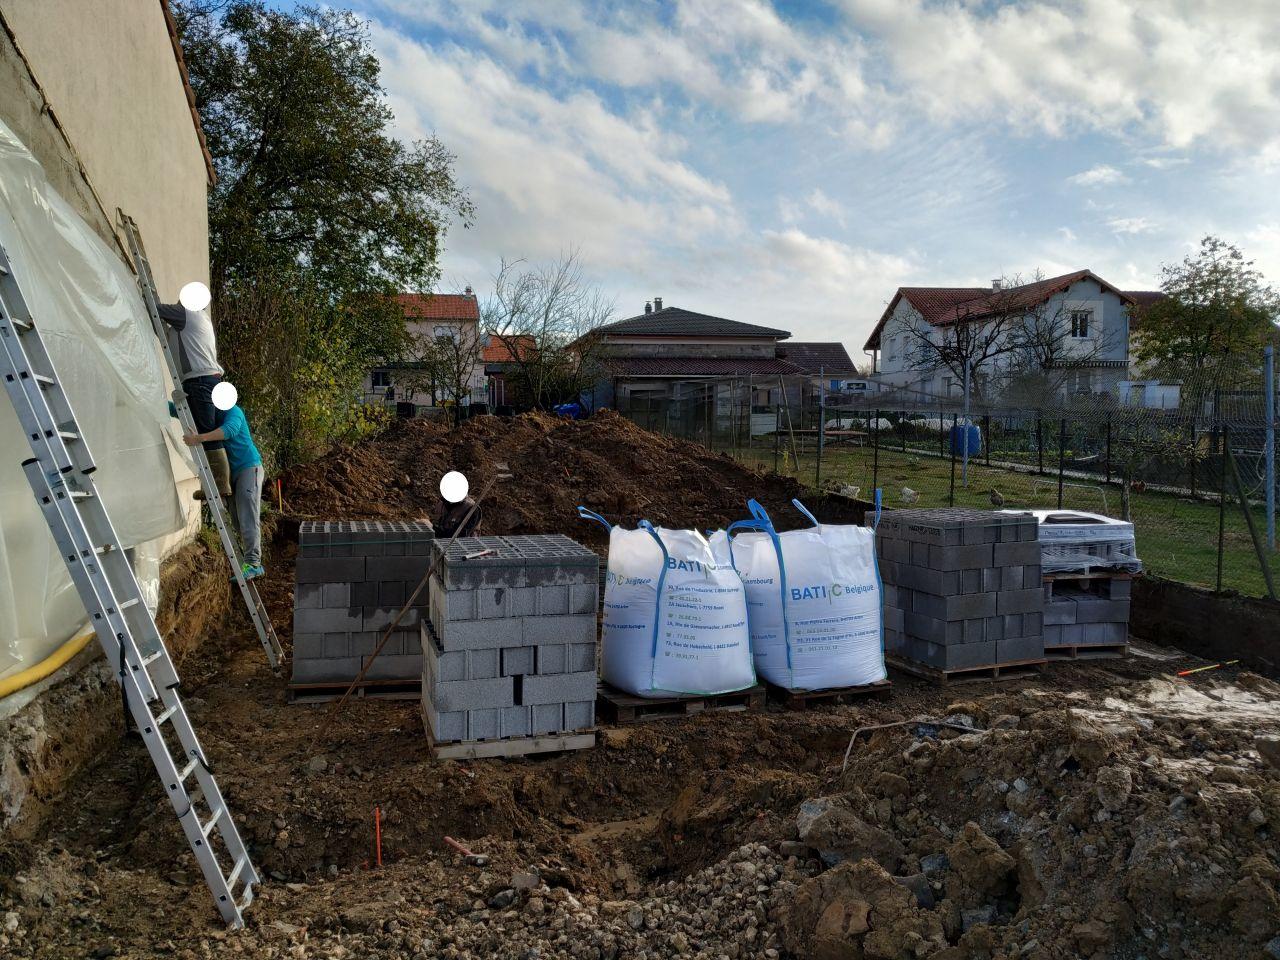 Protection du mur de la voisine en attendant la montée du pignon Est. Les fouilles ayant été faites, les fondations devraient être coulées demain! »